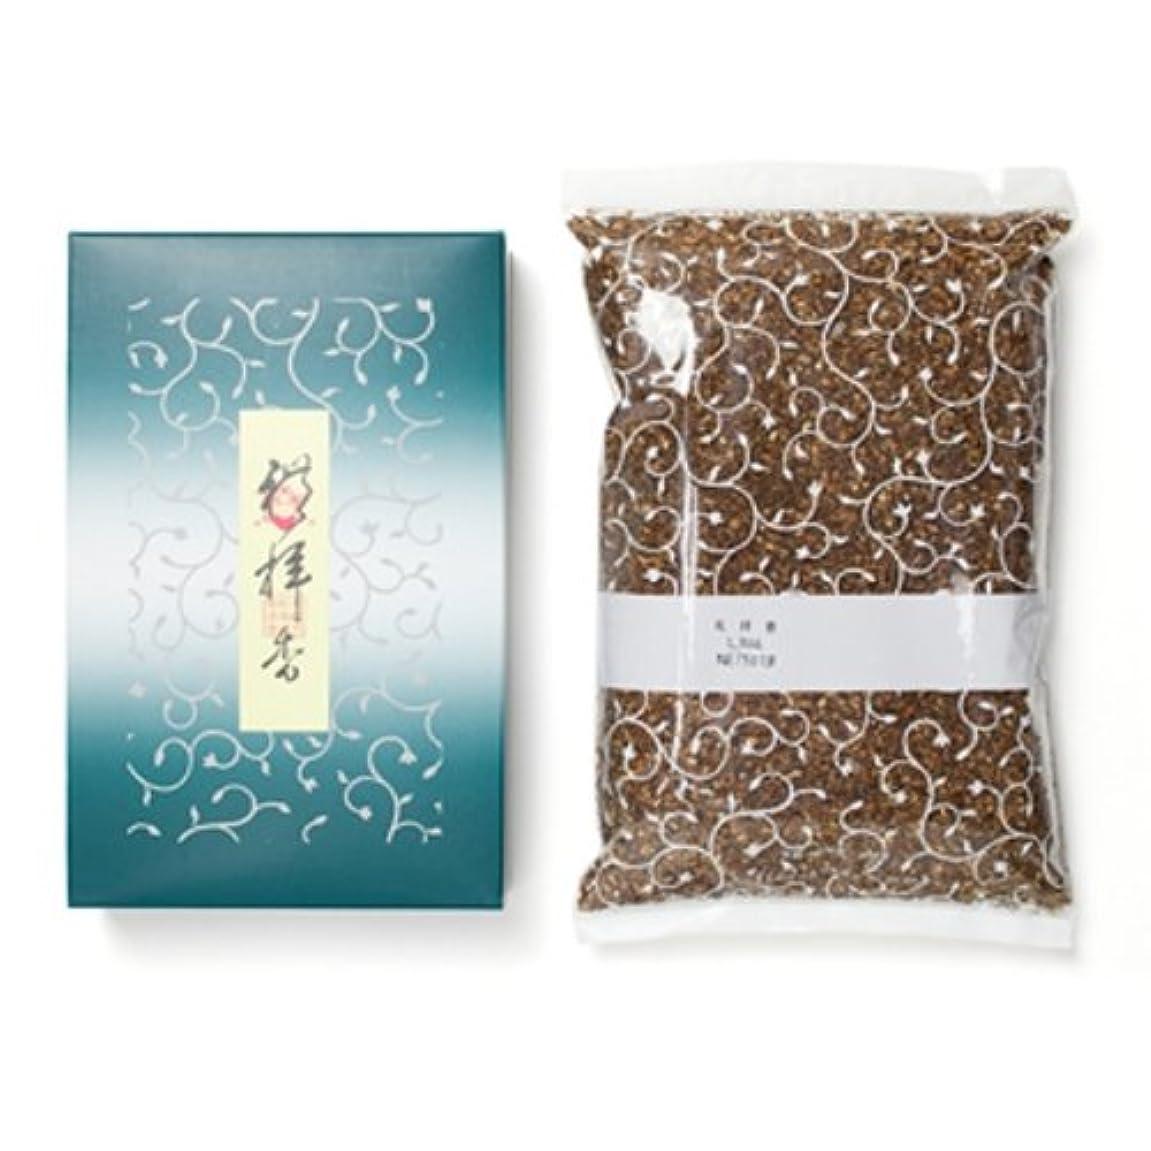 追放天井気配りのある松栄堂のお焼香 礼拝香 500g詰 紙箱入 #410511